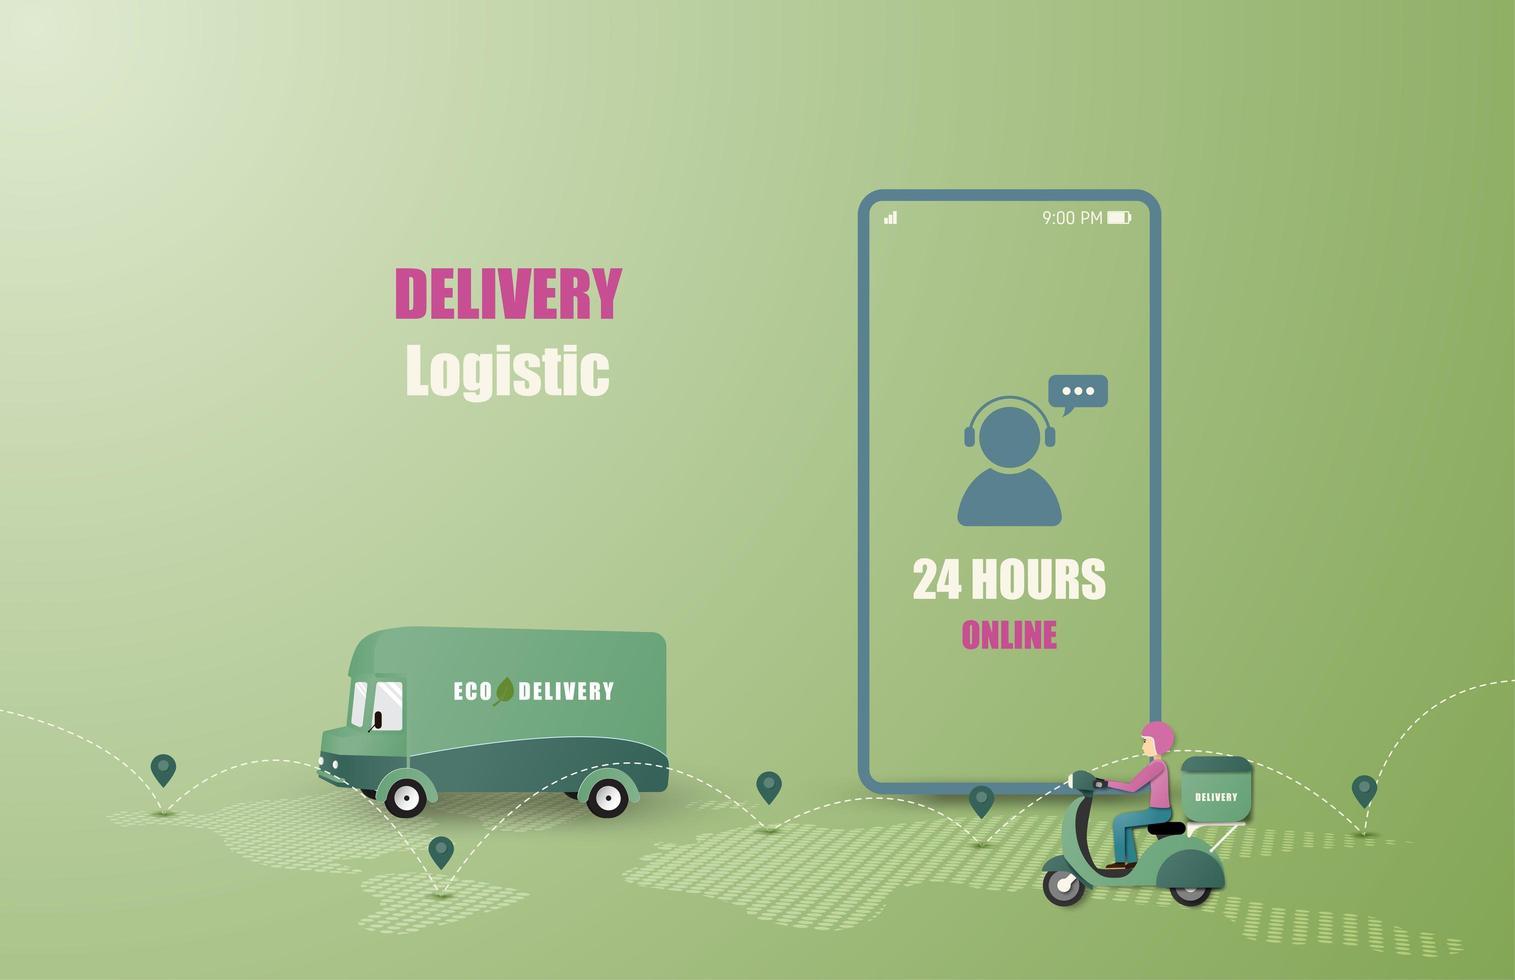 servicio de entrega en línea entrega furgoneta y moto de conducción vector